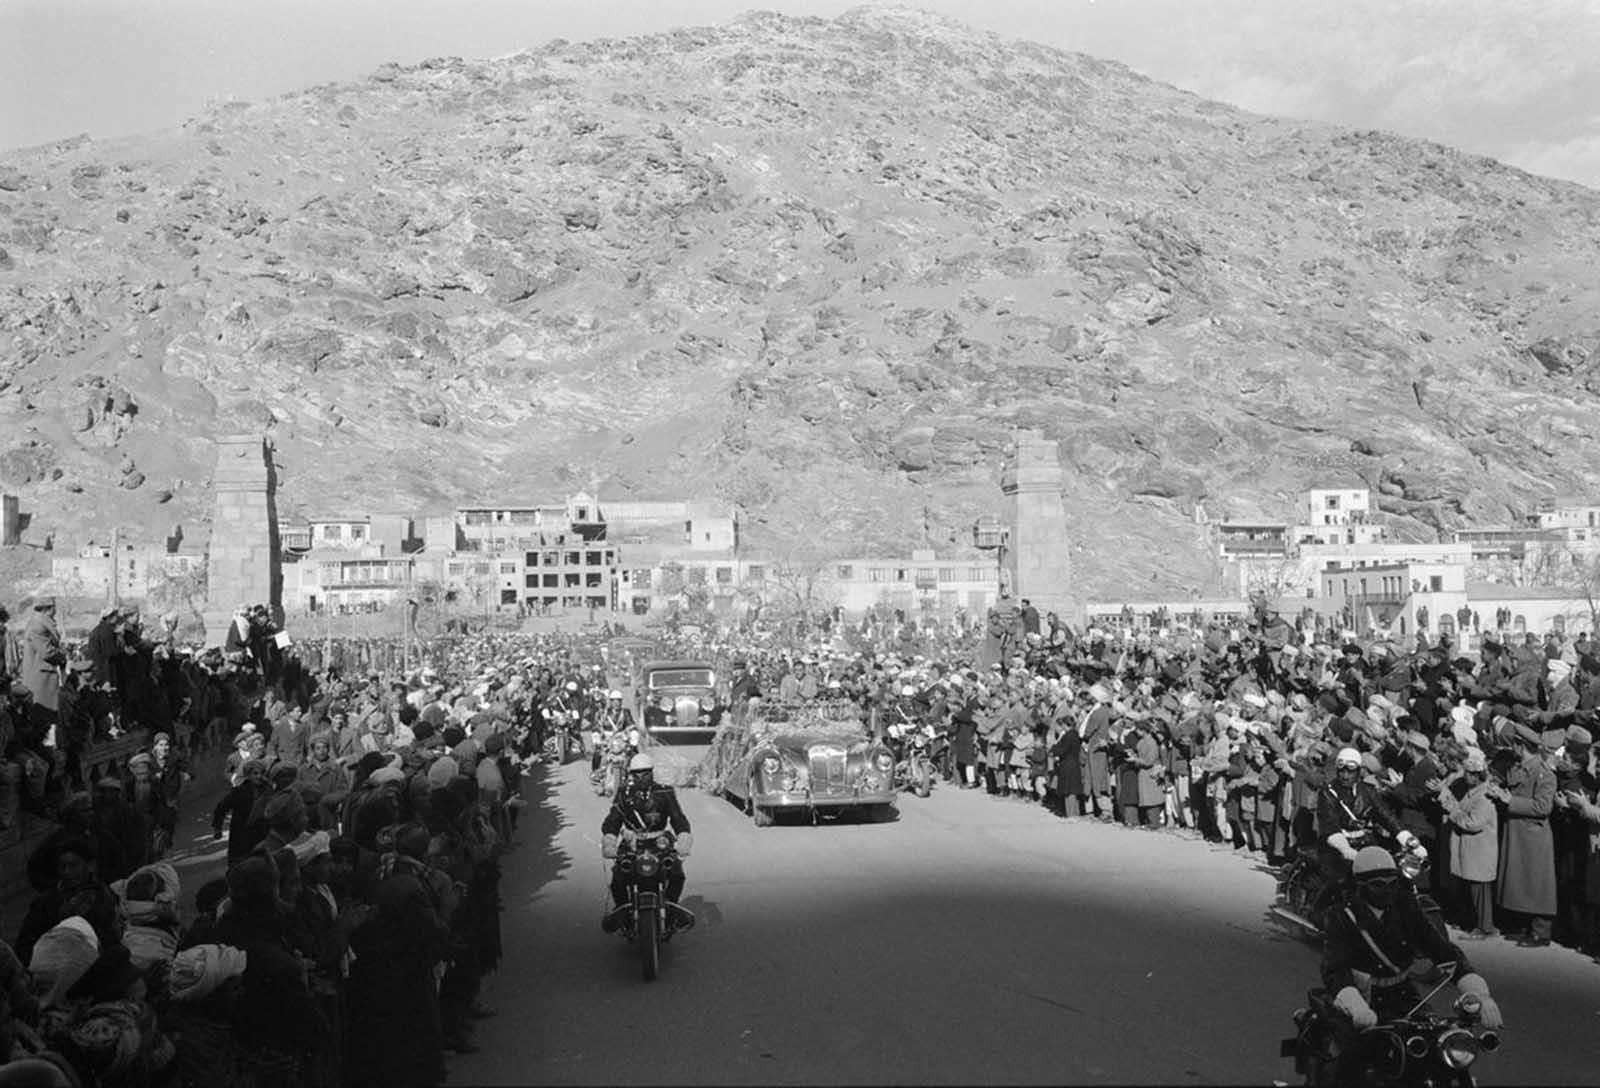 Viaje en caravana para la visita del presidente Eisenhower a Kabul, Afganistán, el 9 de diciembre de 1959. Eisenhower se reunió brevemente con el rey afgano de 45 años de edad, Mohammad Zahir Shah, para hablar sobre la influencia soviética en la región y aumentar la ayuda estadounidense a Afganistán.